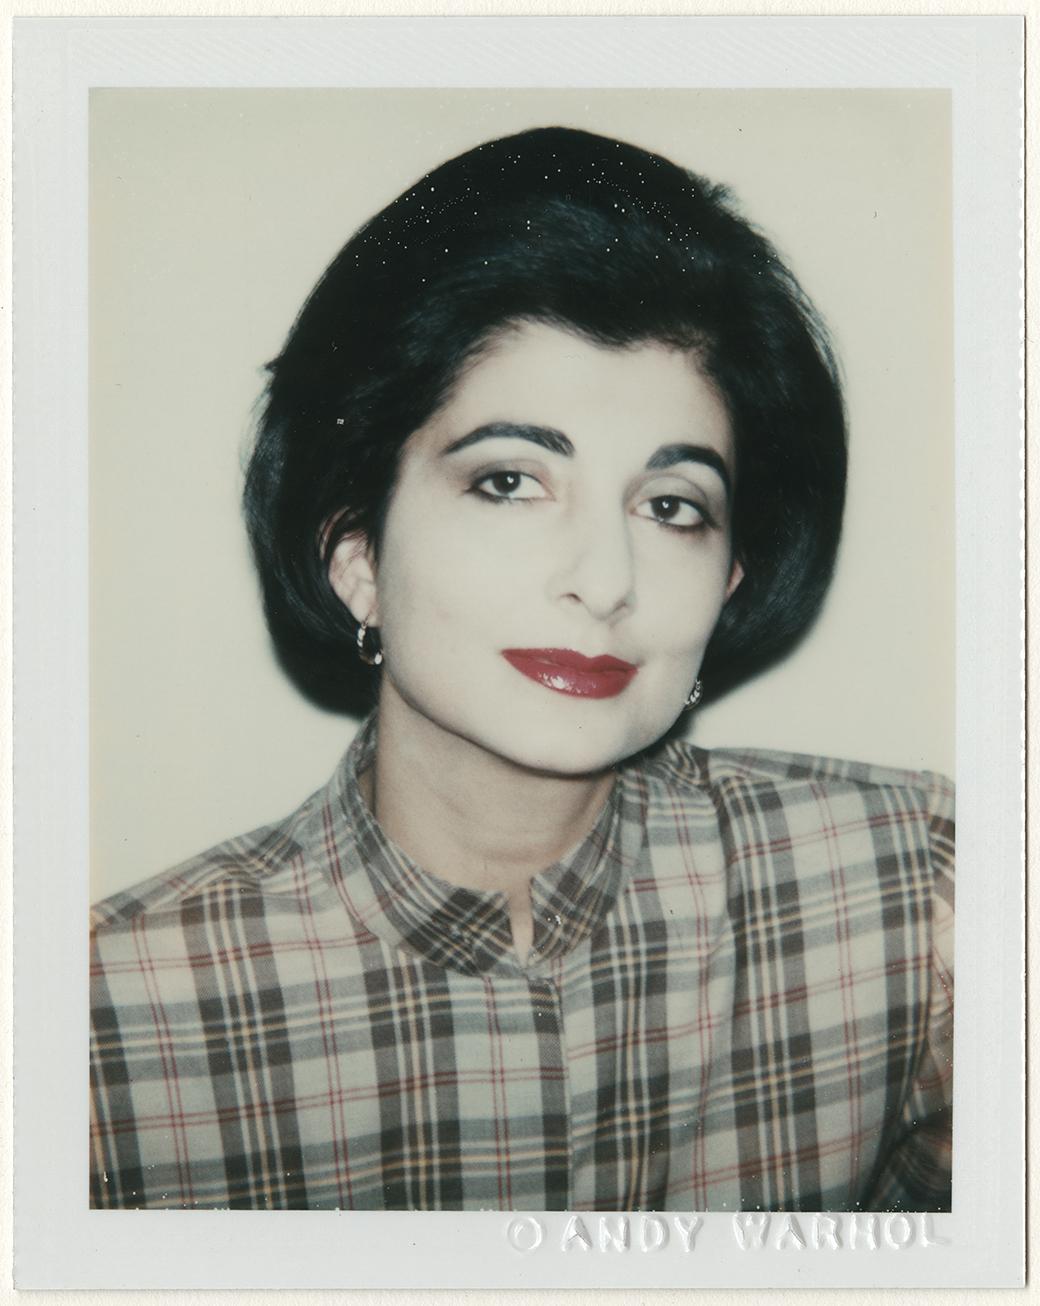 Montando Polaroids de Andy Warhol